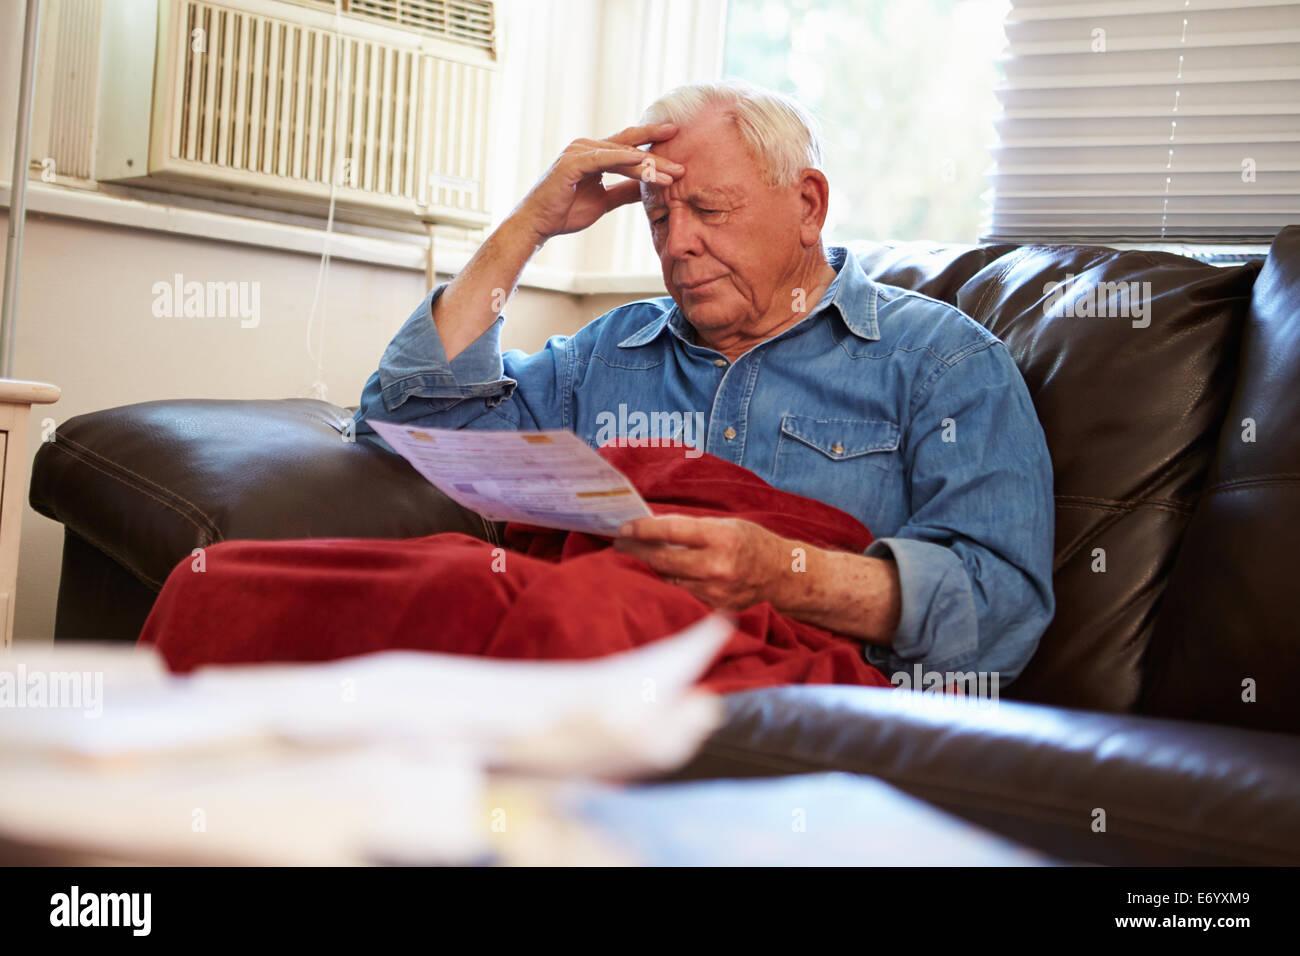 tablet instructions for seniors